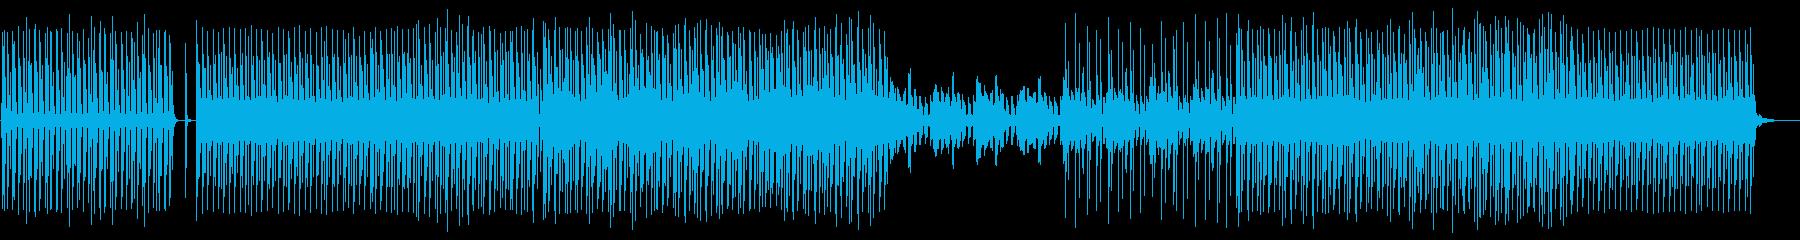 メロディック。速い。の再生済みの波形